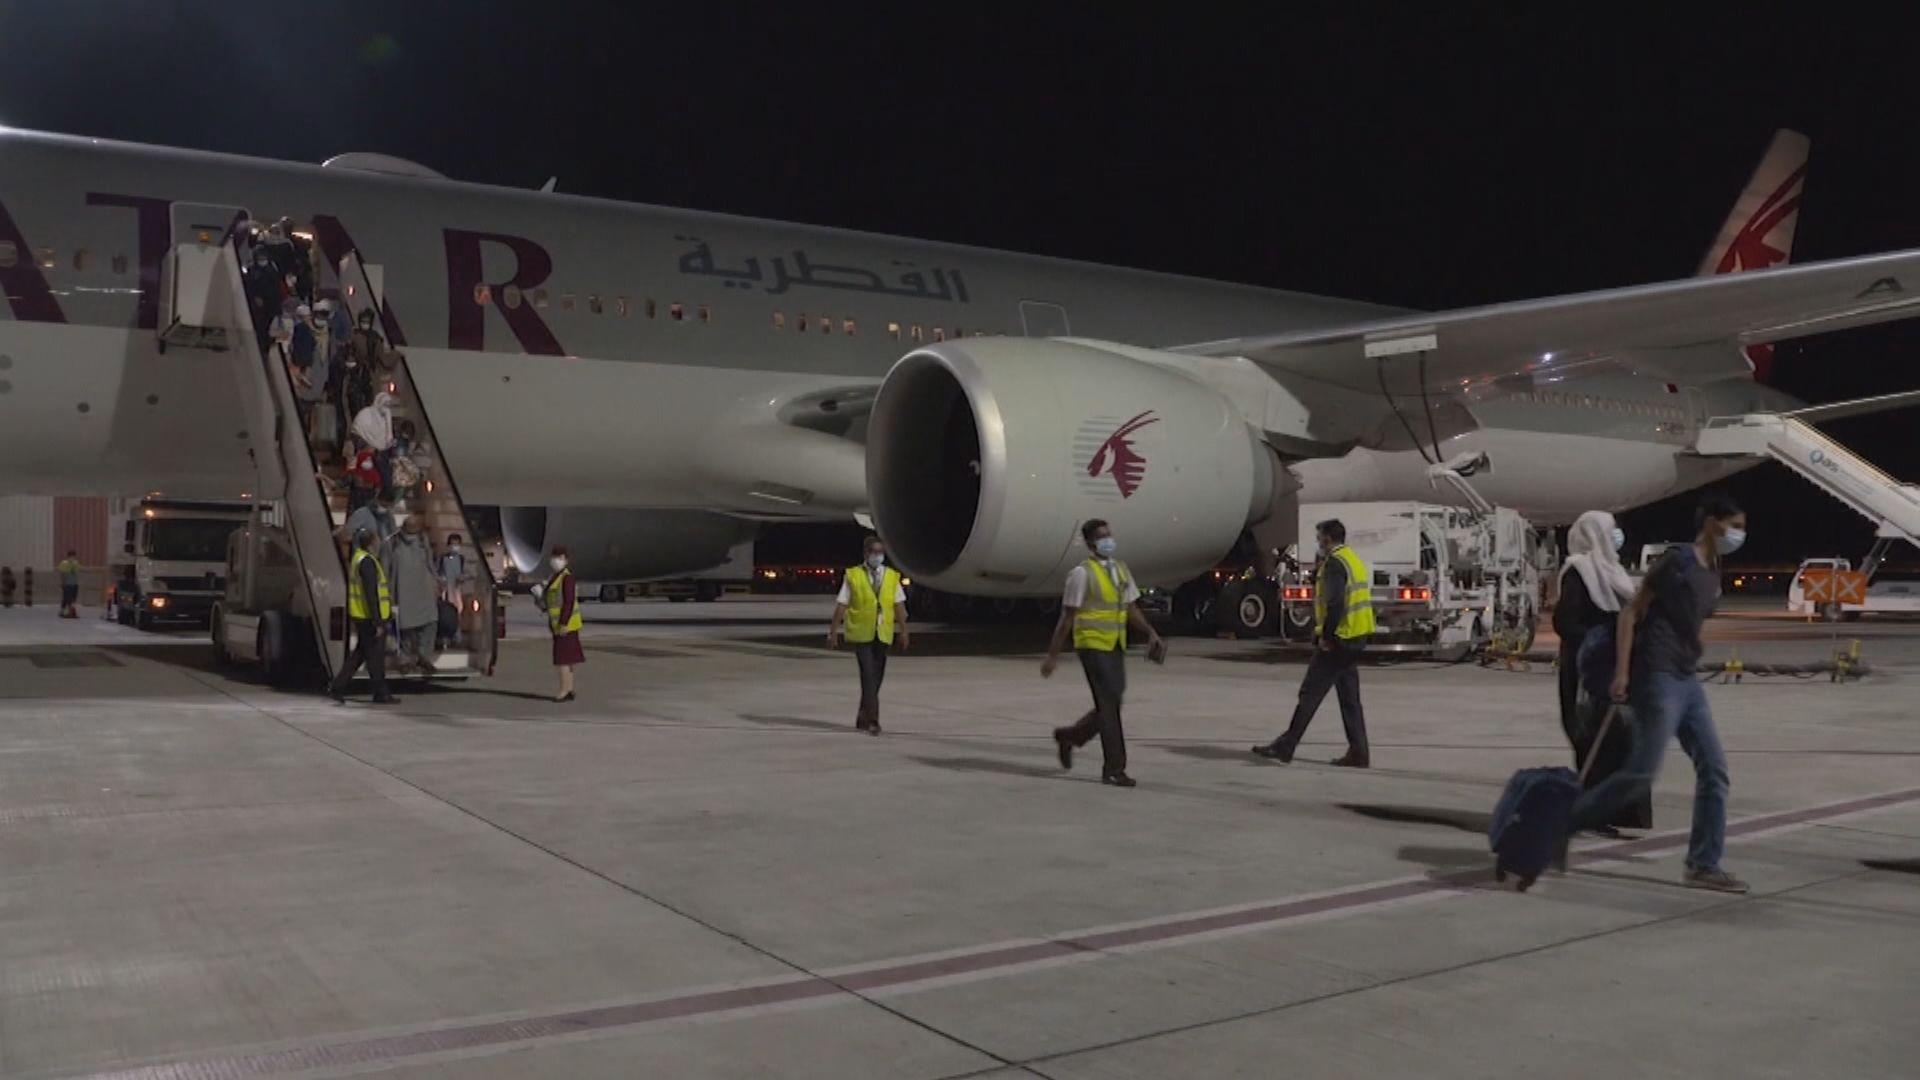 民航機離開喀布爾 乘客包括約二十名美國公民及綠卡者